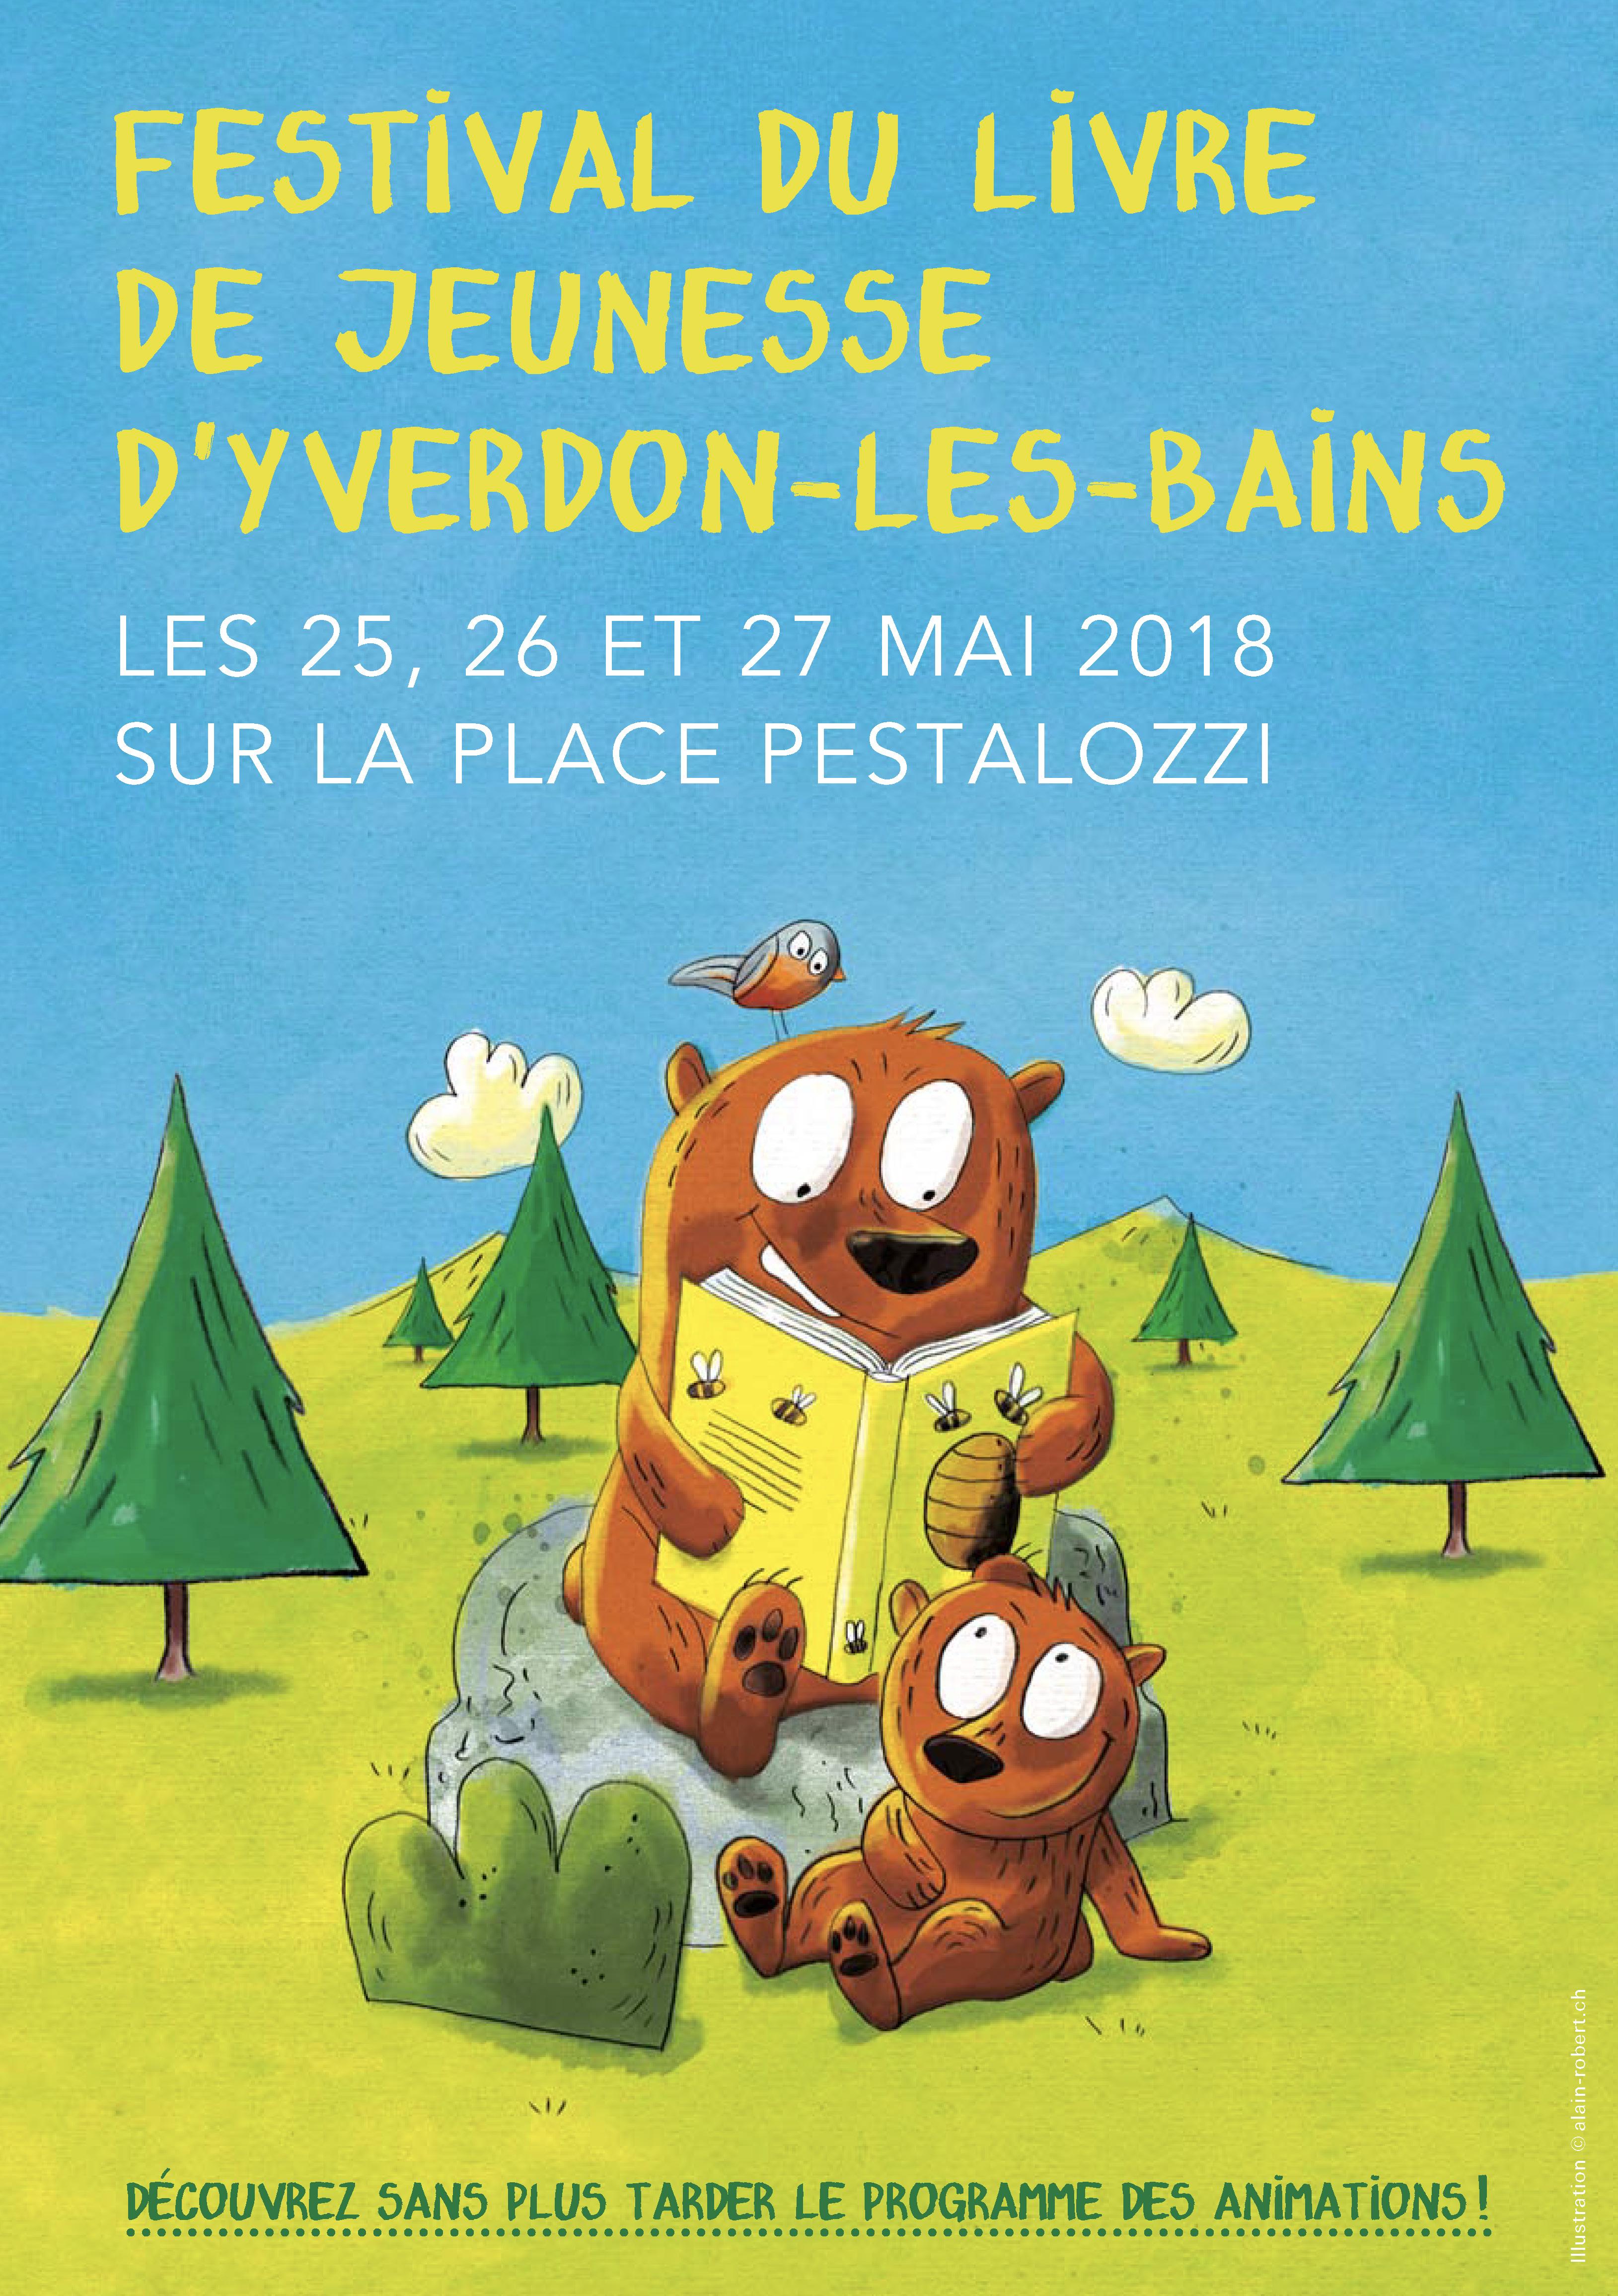 Festival du livre de jeunesse d'Yverdon-les-Bains